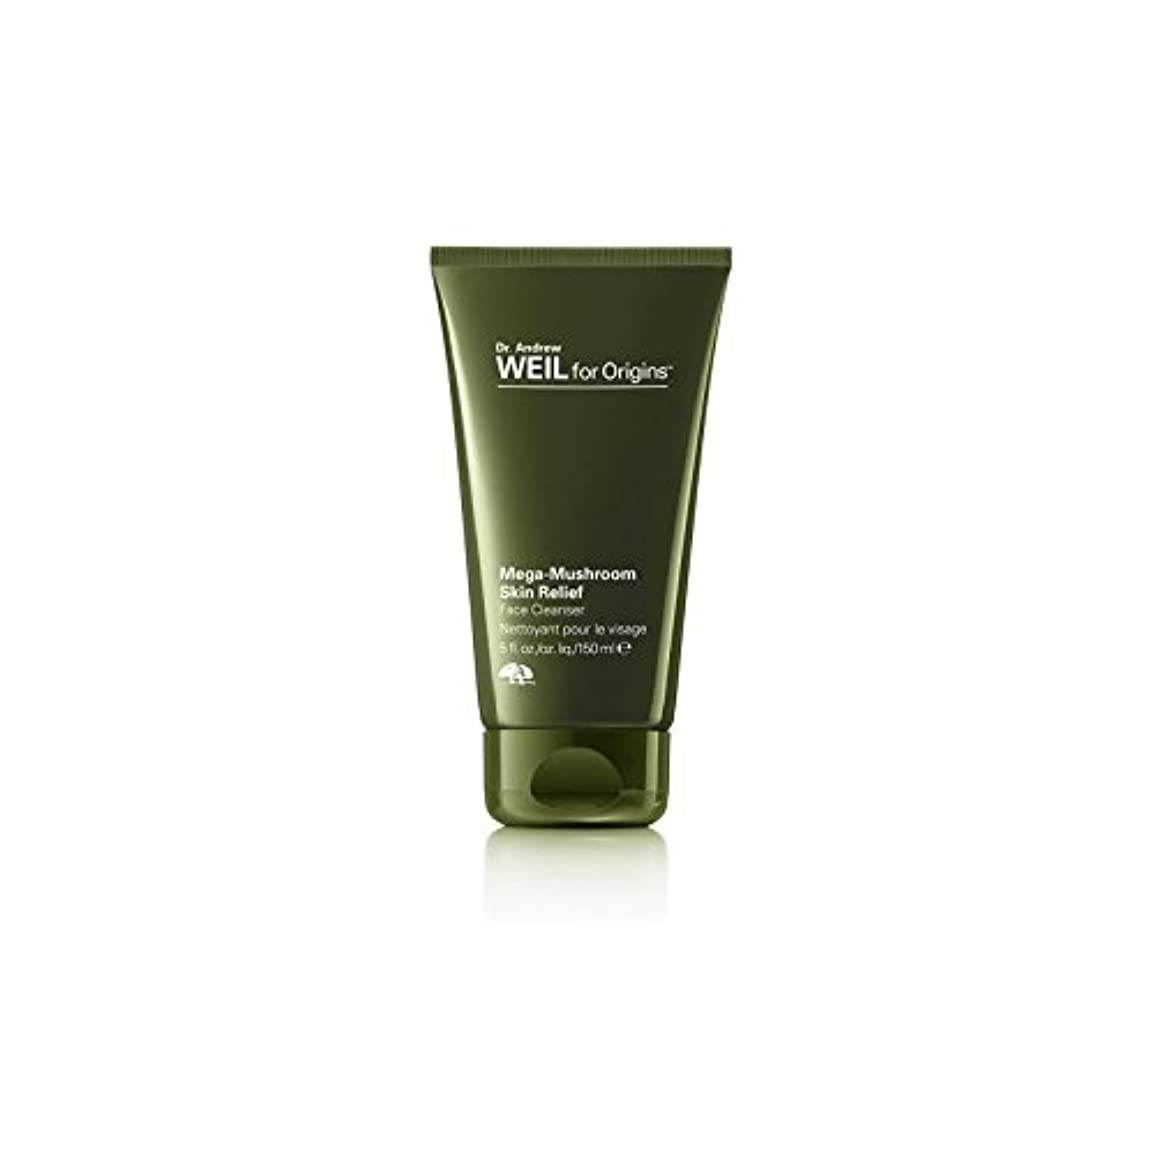 カウントアップ人物作業Origins Dr. Andrew Weil For Origins Mega-Mushroom Skin Relief Face Cleanser 150ml - 起源アンドルー?ワイル起源メガキノコ皮膚救済顔クレンザー...